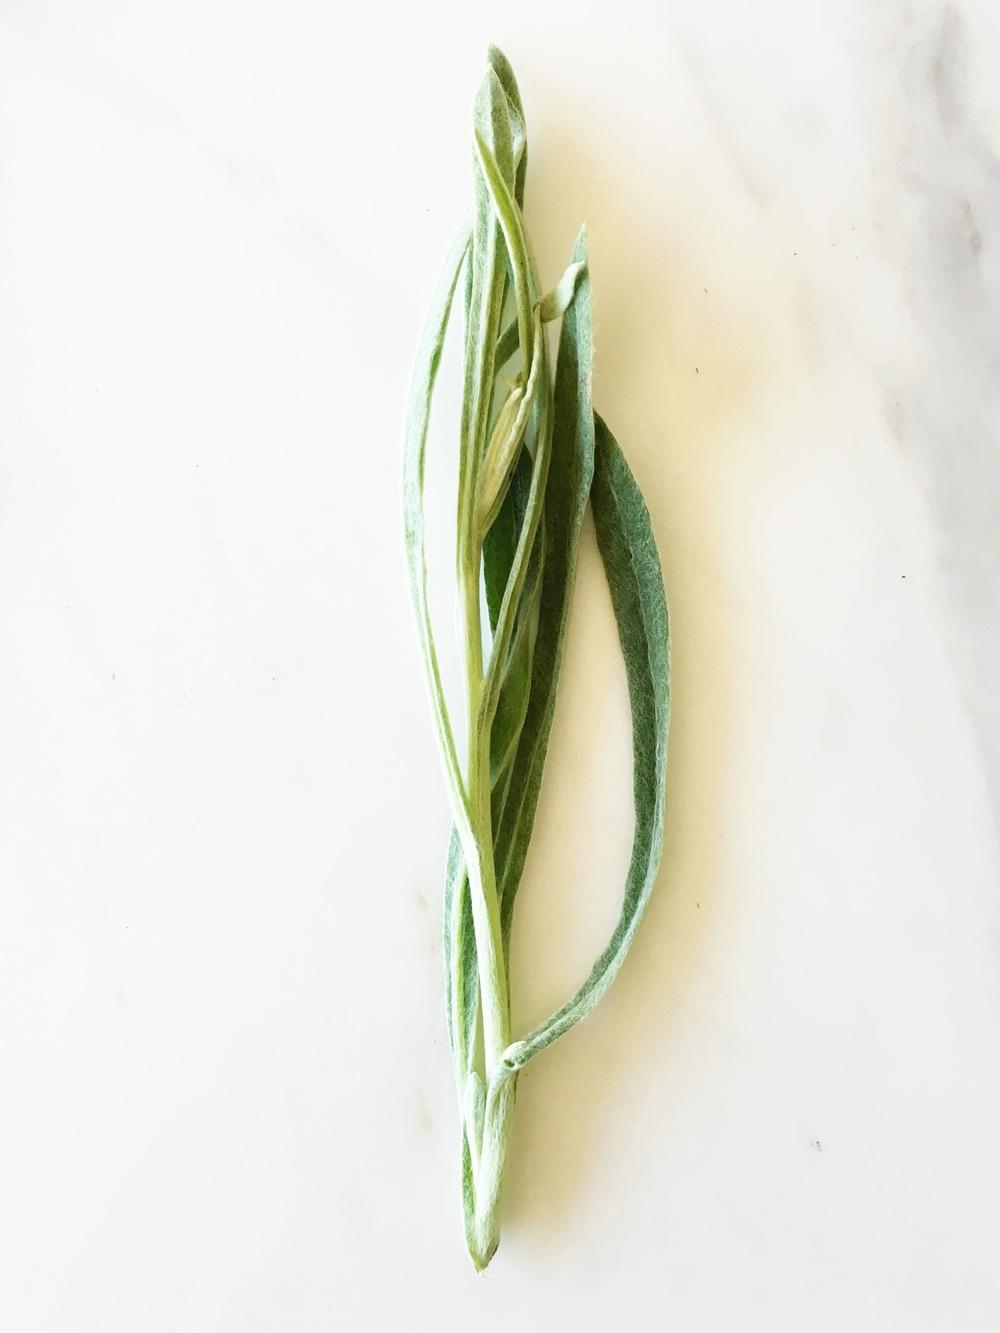 Pseudognaphalium beneolens; Fragrant Everlasting